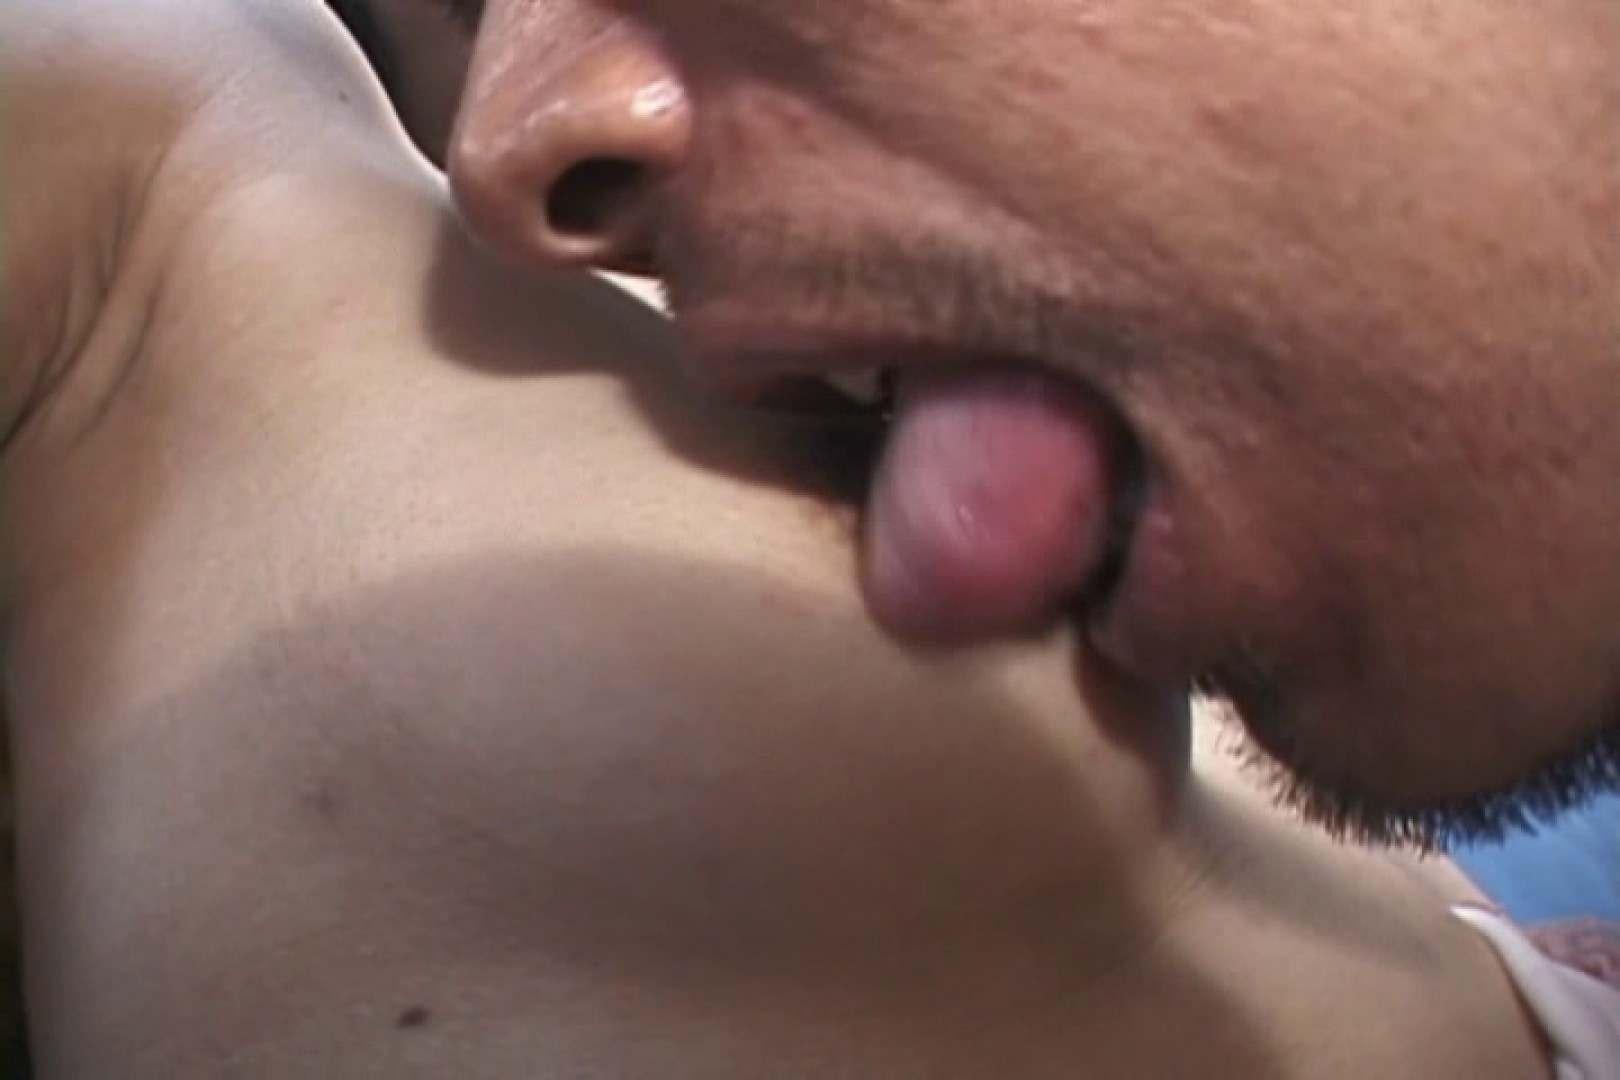 初めての撮影、涙の後には・・・~佳山玲子~ ハプニング | ローター  70pic 64